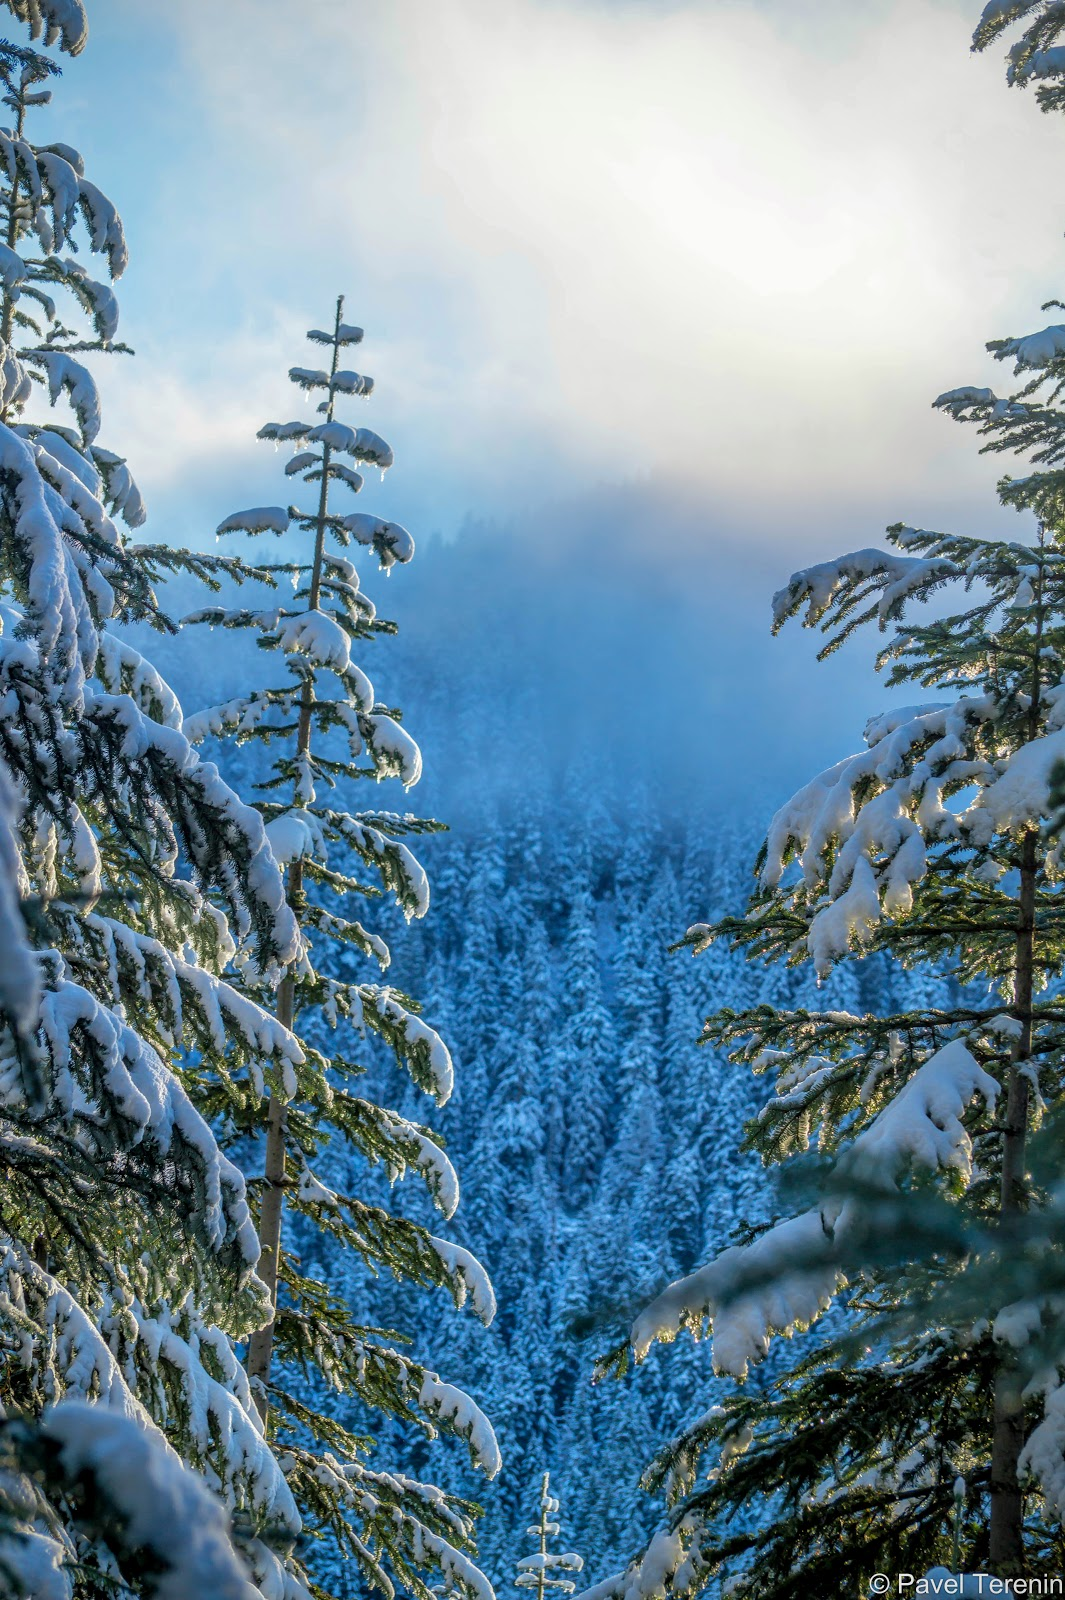 Погода в эти выходные выдалась чудесная. На солнце снег искрится будто россыпь миллионов крошечных алмазов.